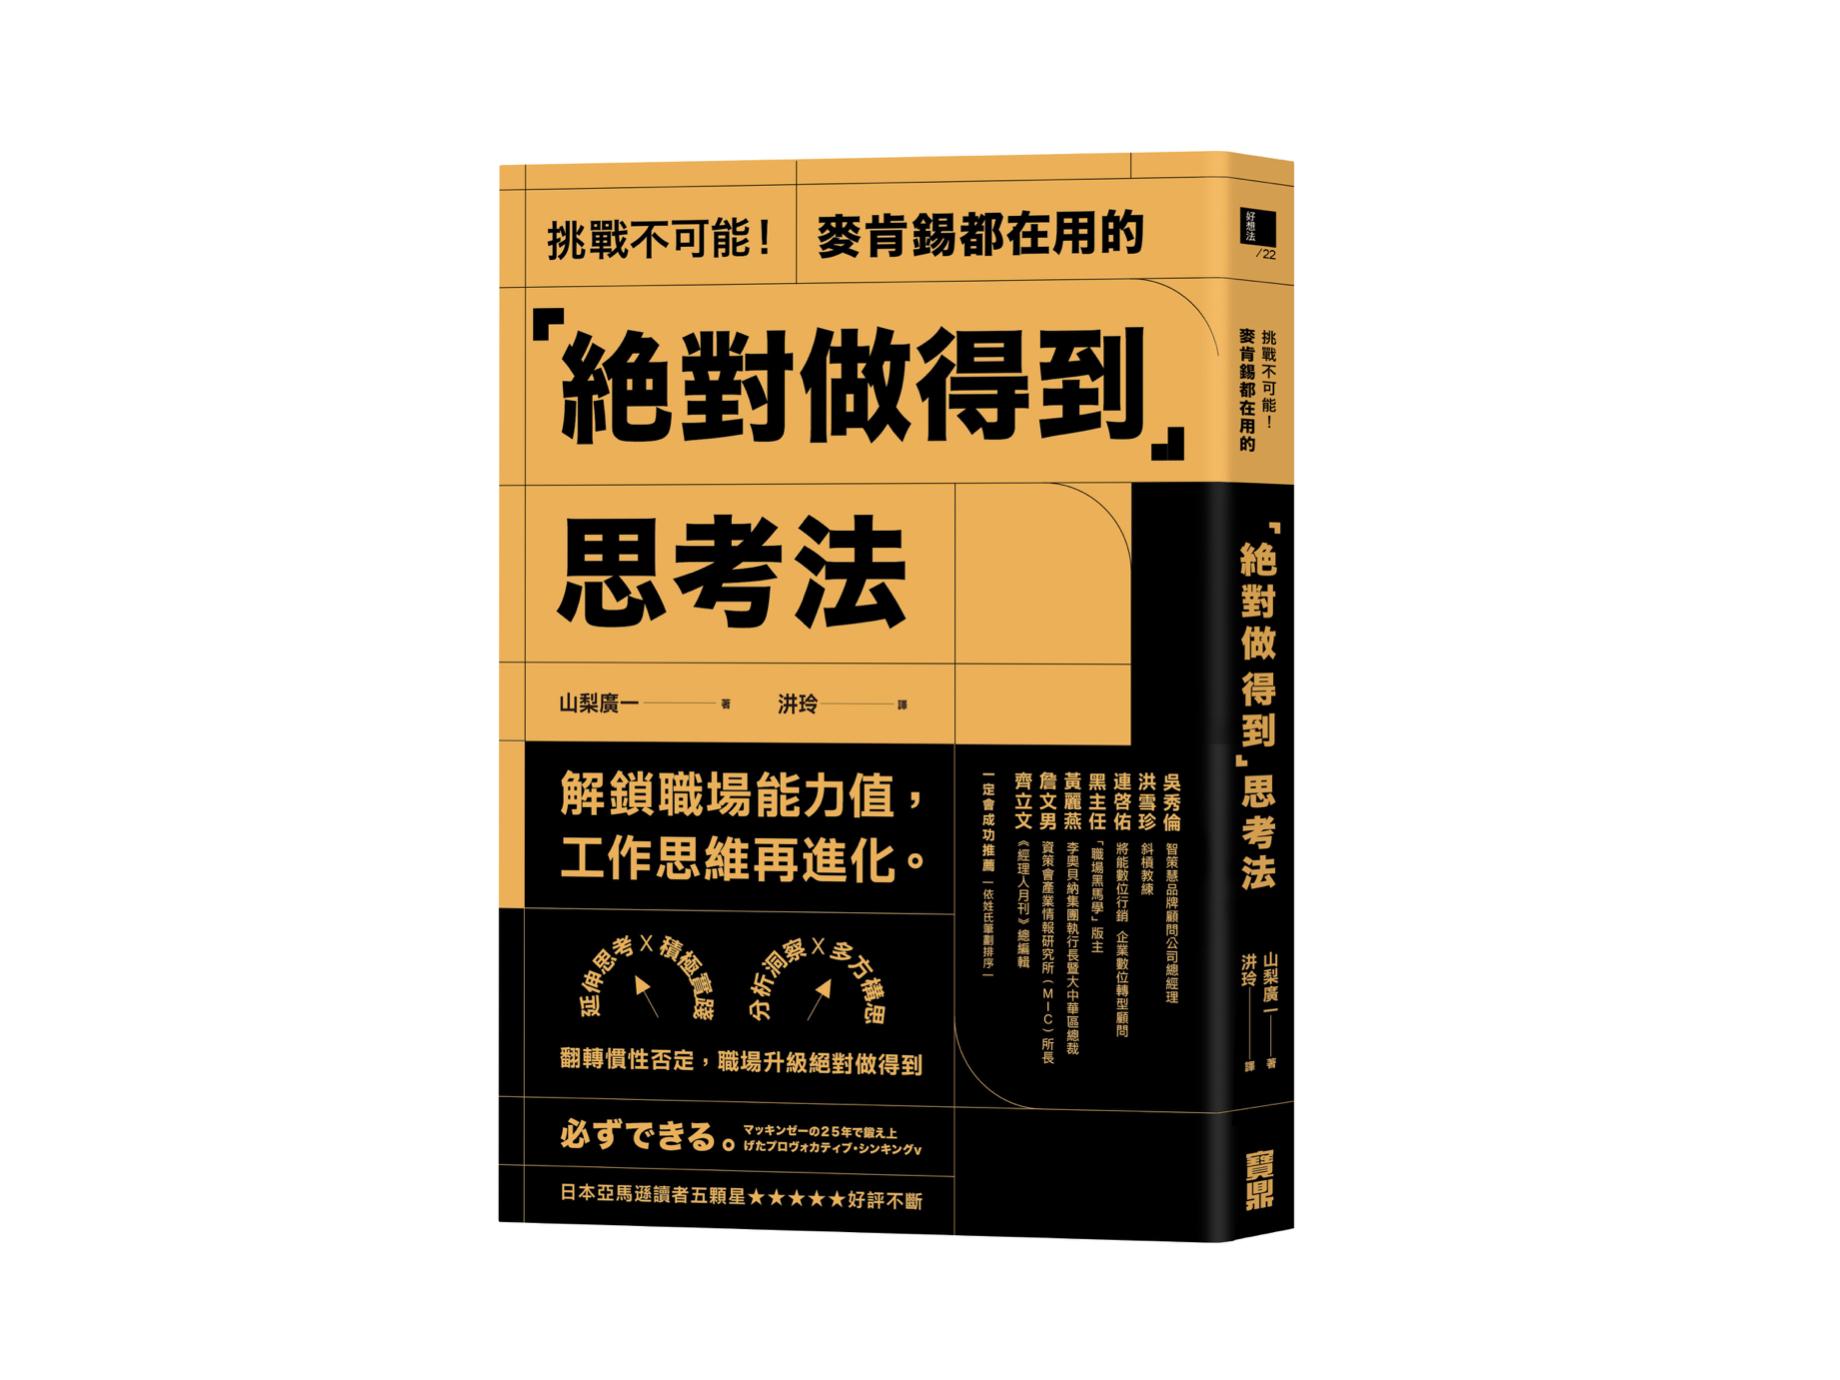 新書搶先看》麥肯錫「絕對做得到」思考法,3步驟進化工作思維